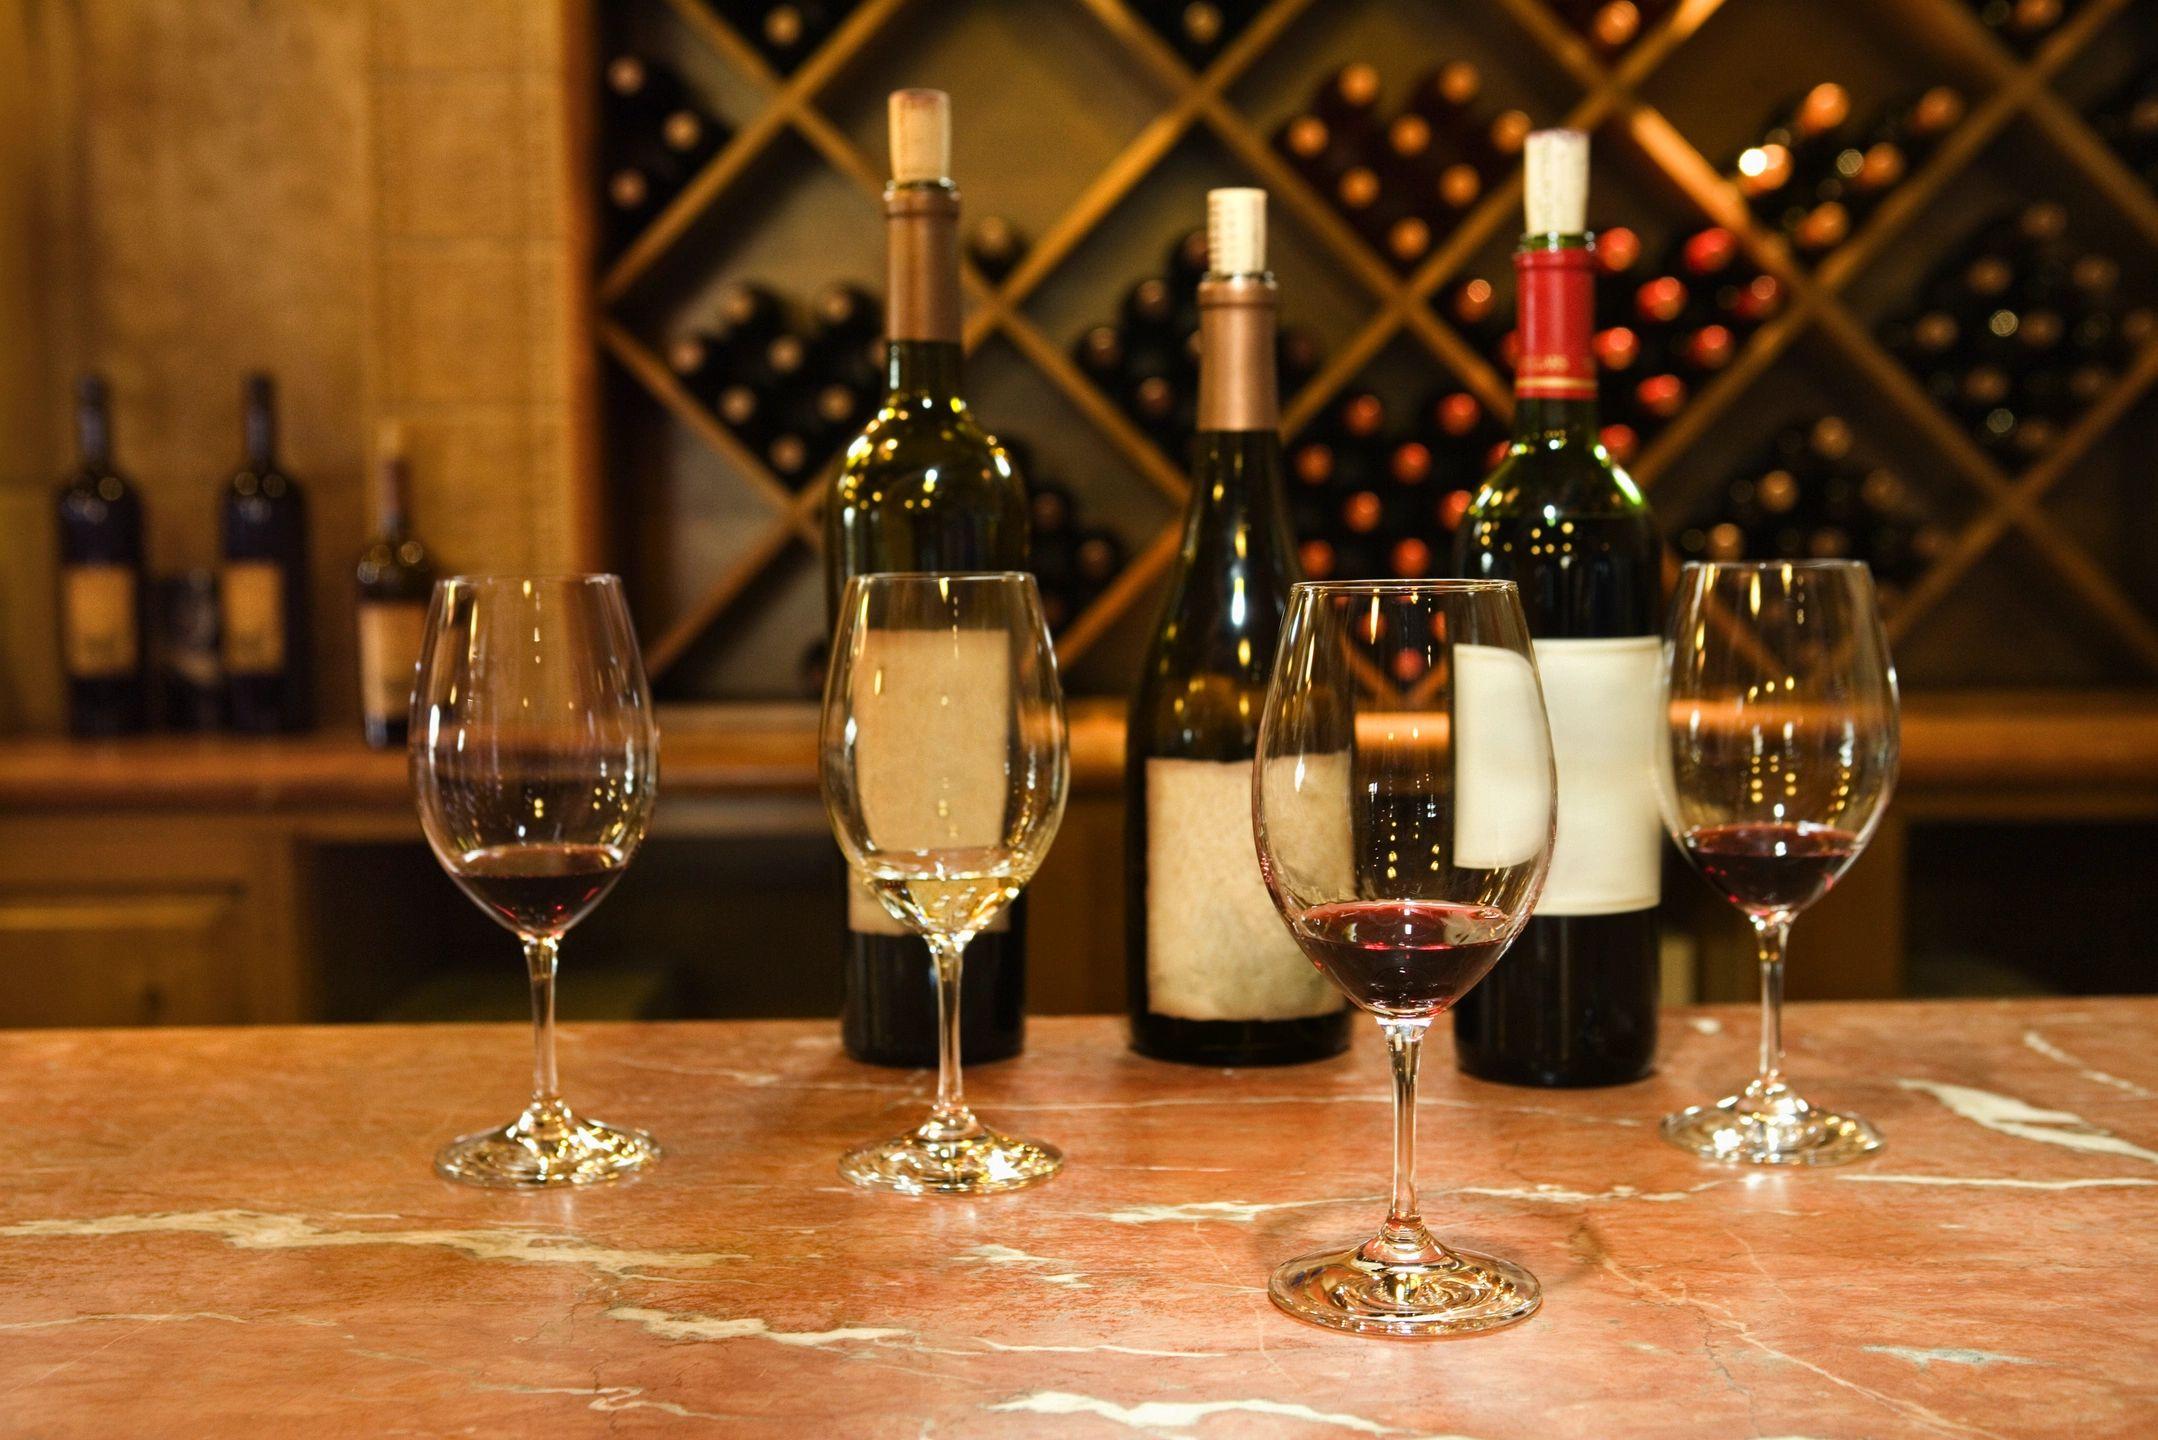 Wine and Spanish Conversation